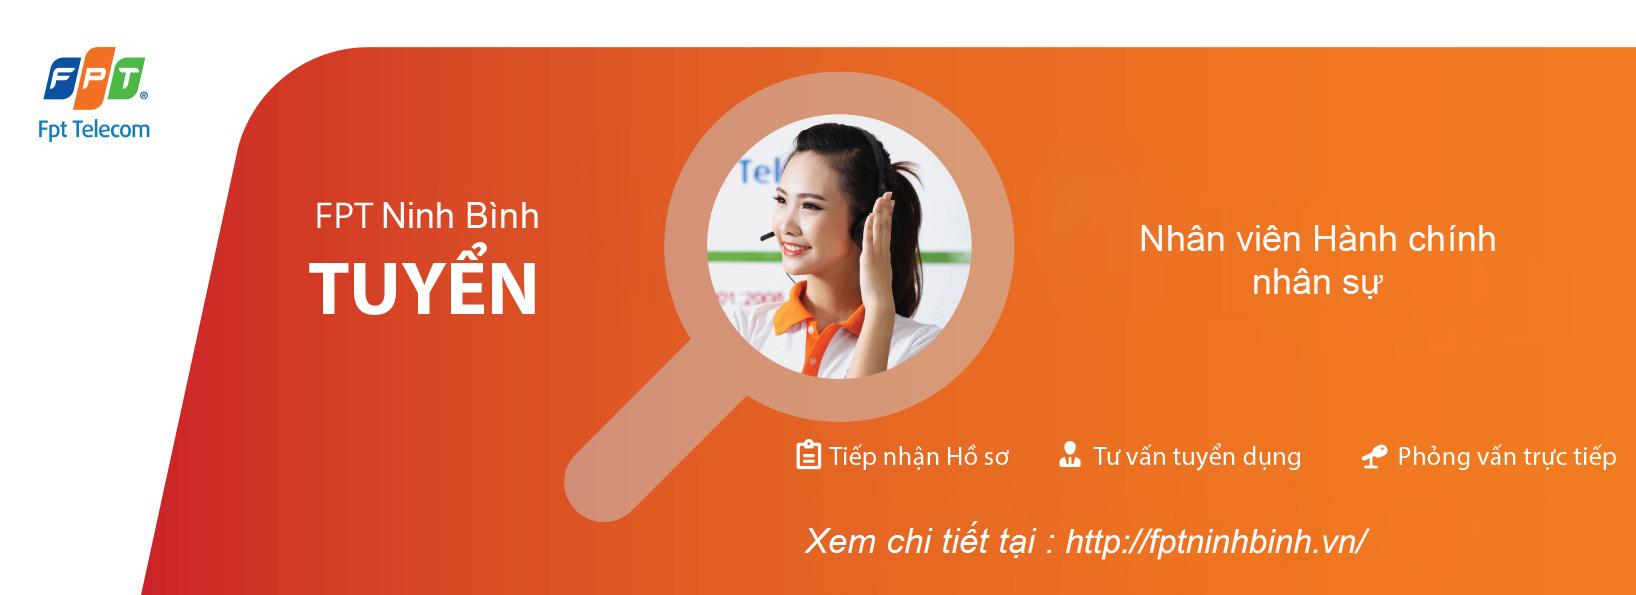 FPT Ninh Bình tuyển nhân viên hành chính nhân sự